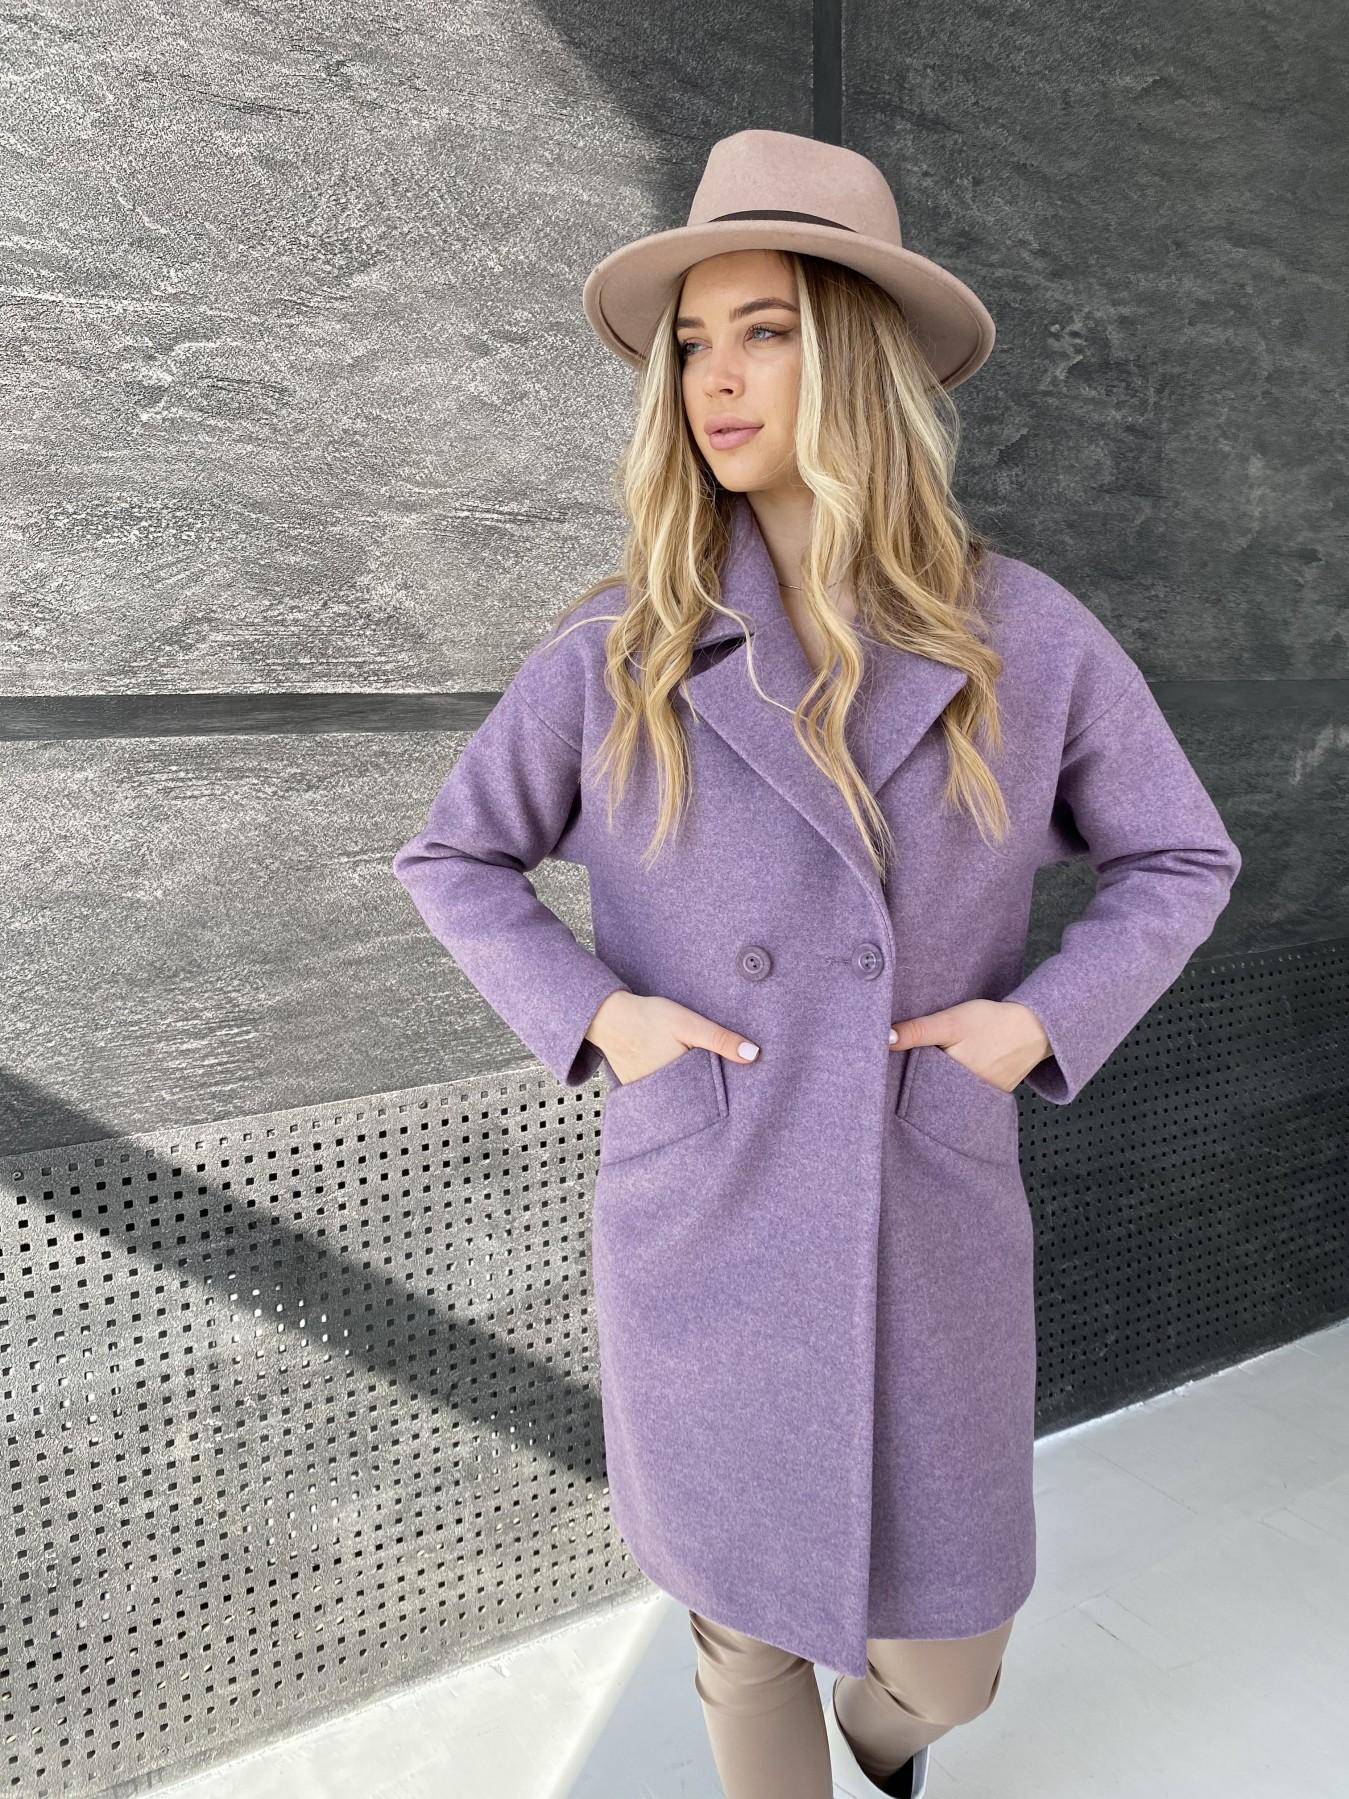 Сенсей пальто из кашемира меланж  10745 АРТ. 47232 Цвет: Сирень 42 - фото 2, интернет магазин tm-modus.ru